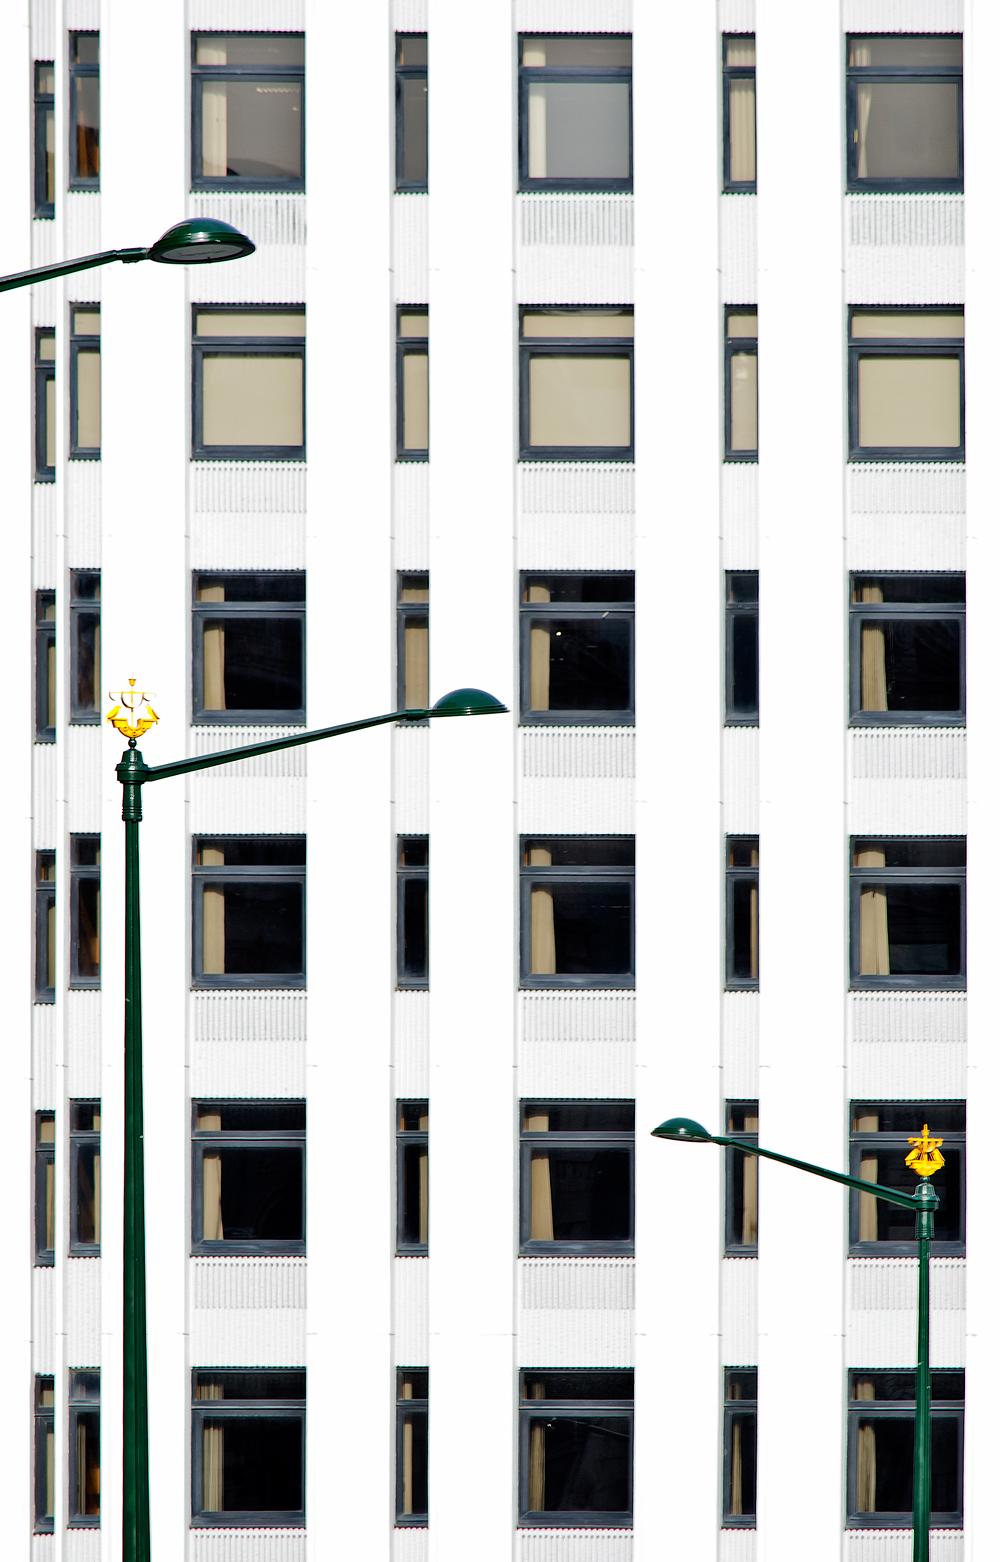 Lamps'n windows